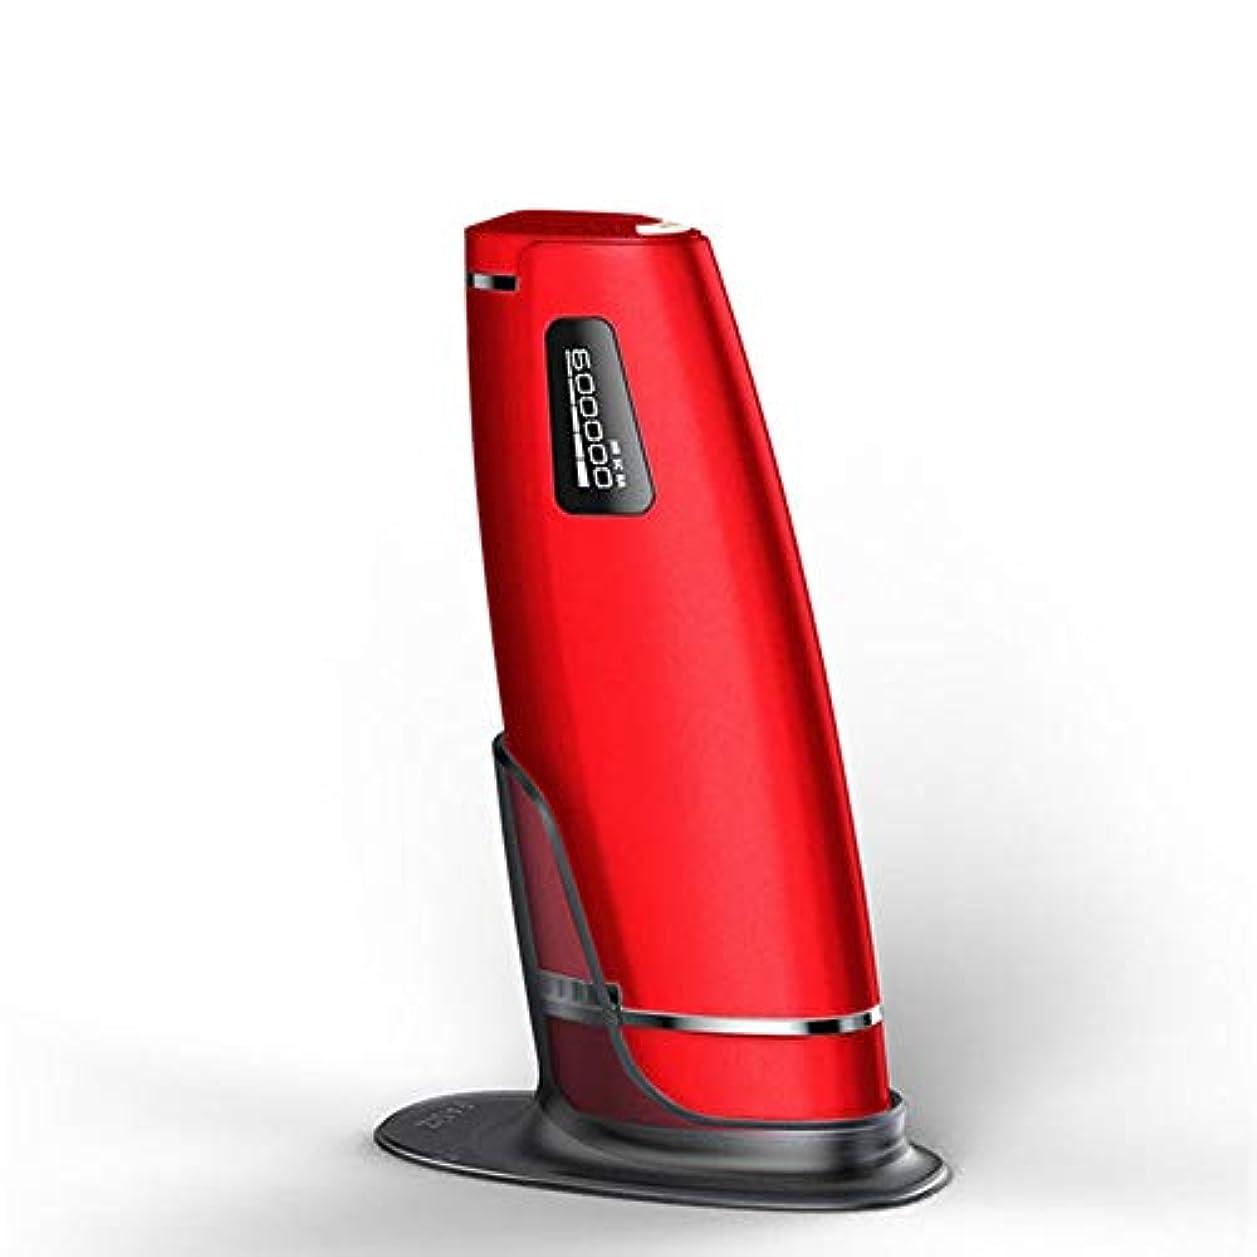 まだ自殺胃赤、デュアルモード、ホームオートマチック無痛脱毛剤、携帯用永久脱毛剤、5スピード調整、サイズ20.5 X 4.5 X 7 Cm 髪以外はきれい (Color : Red)